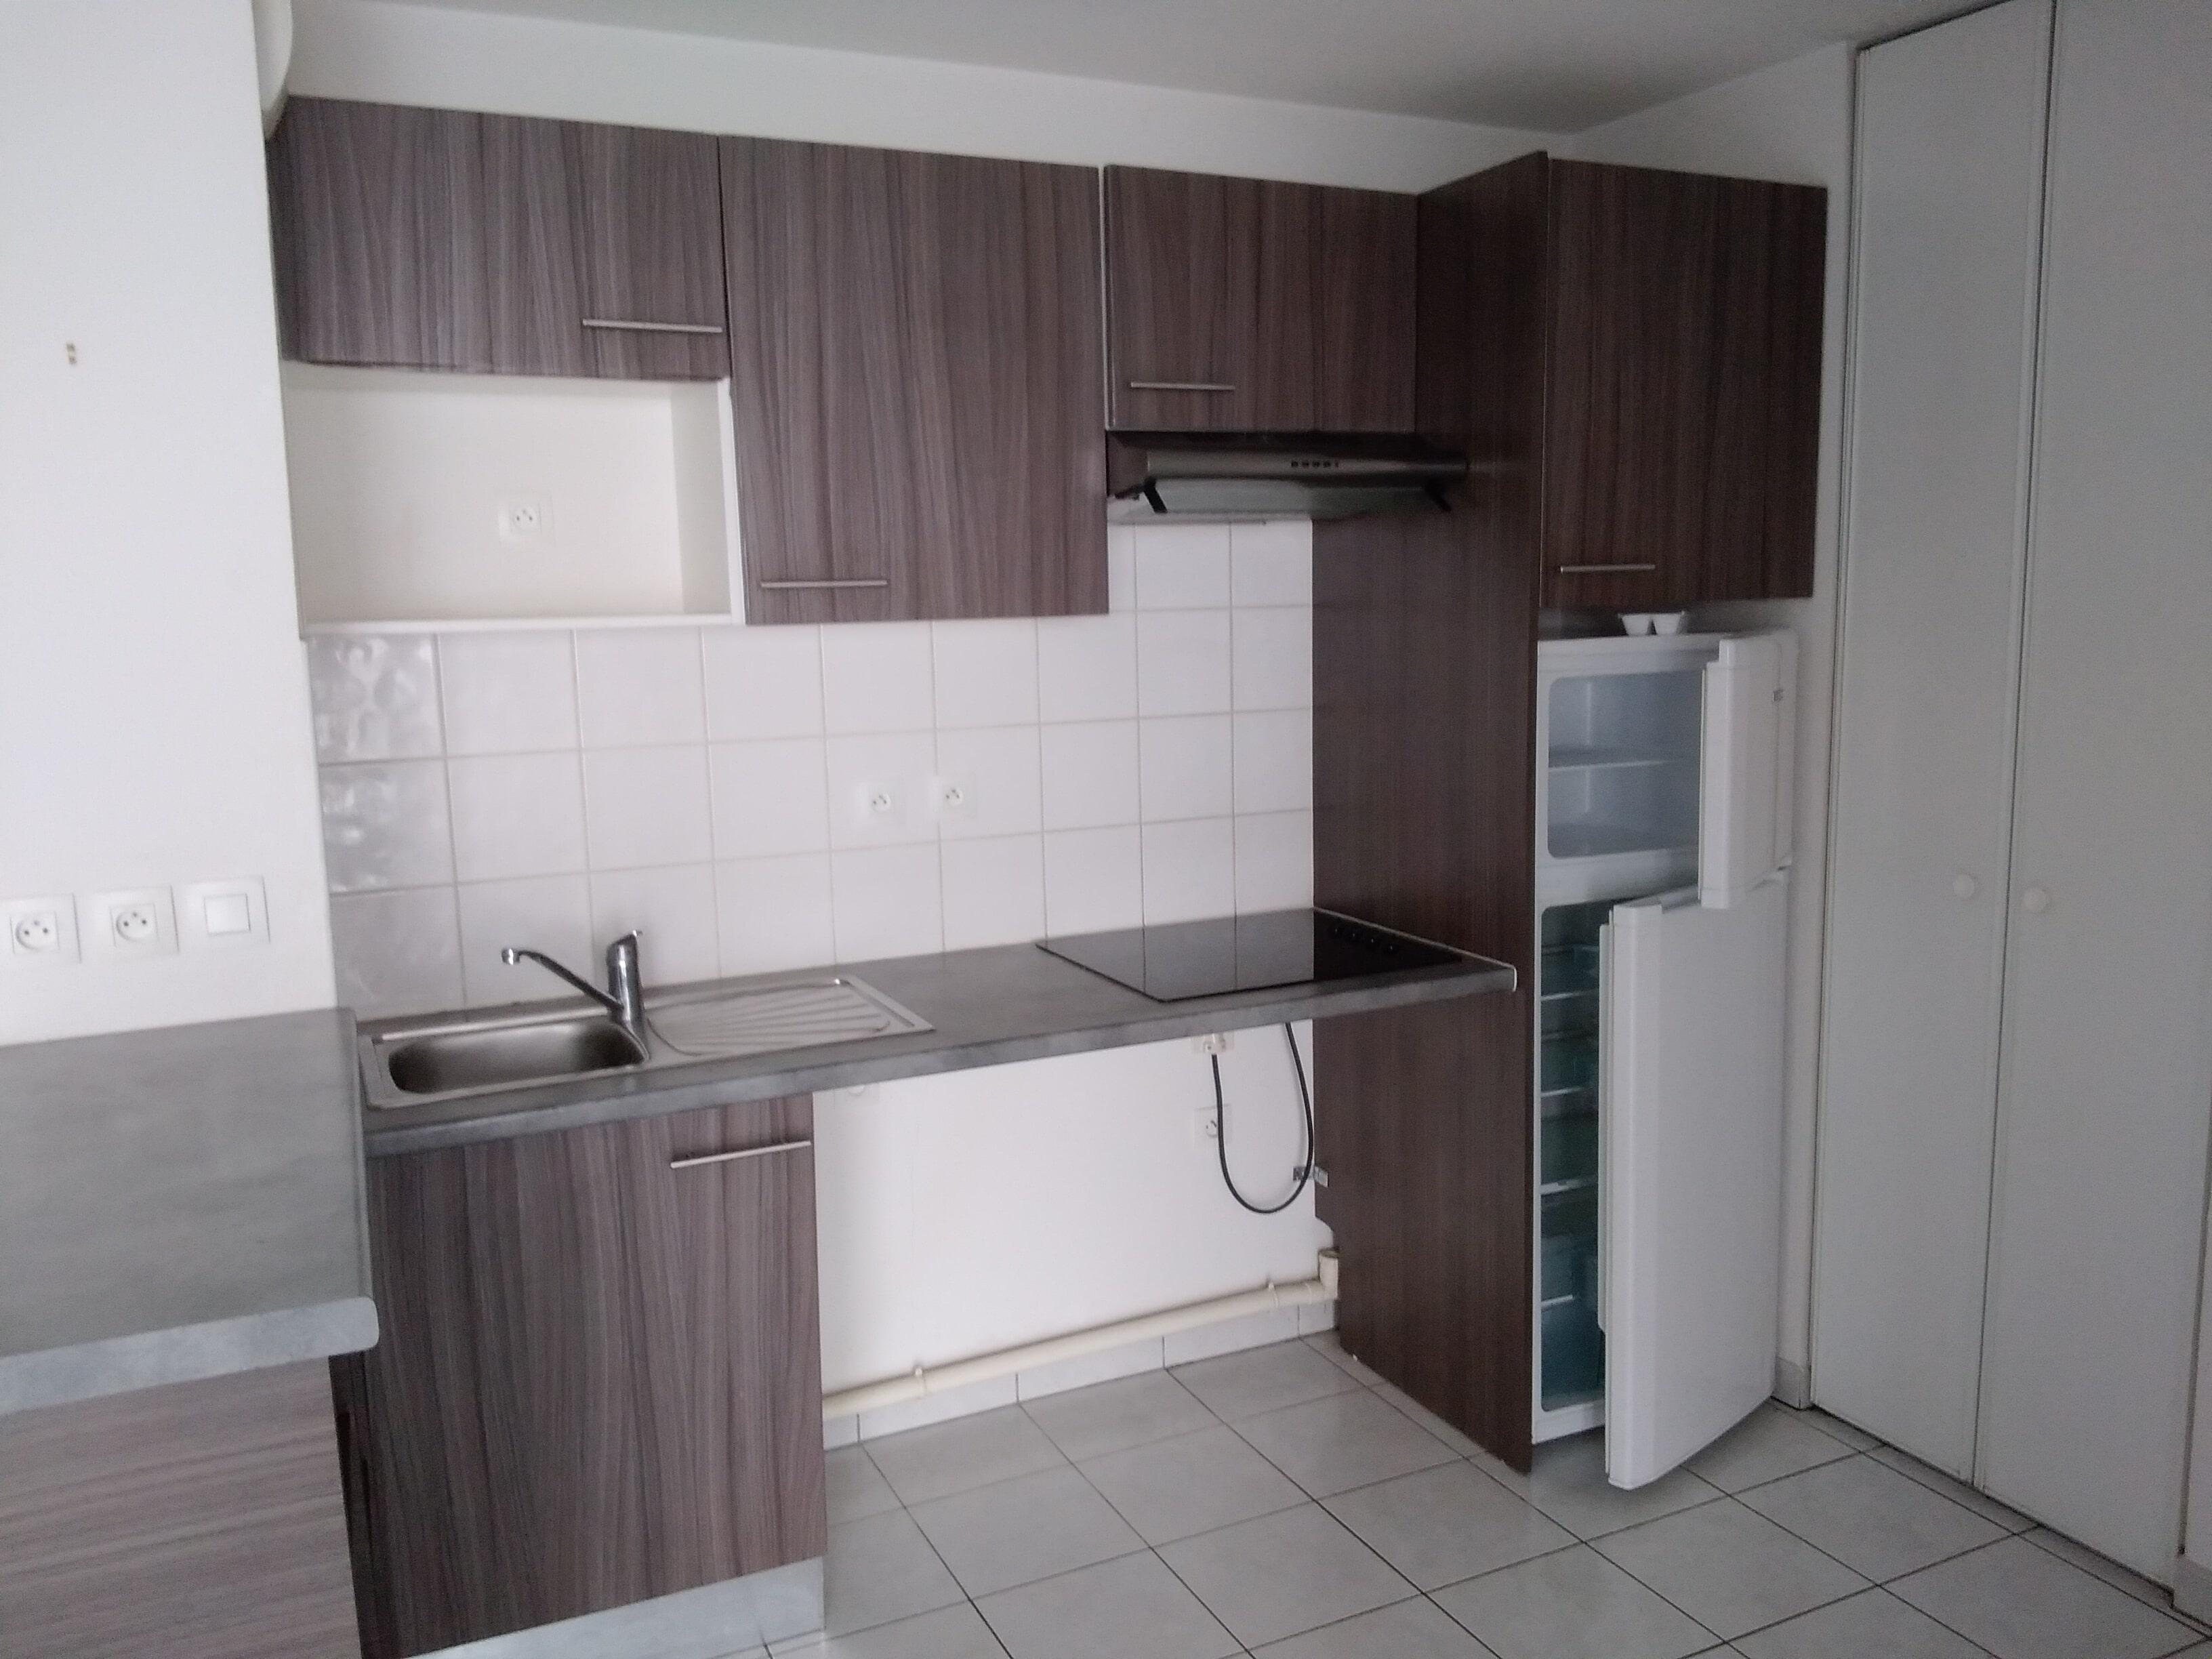 Appartement 3 pièces 62,45 m² Saint Malo St Servan